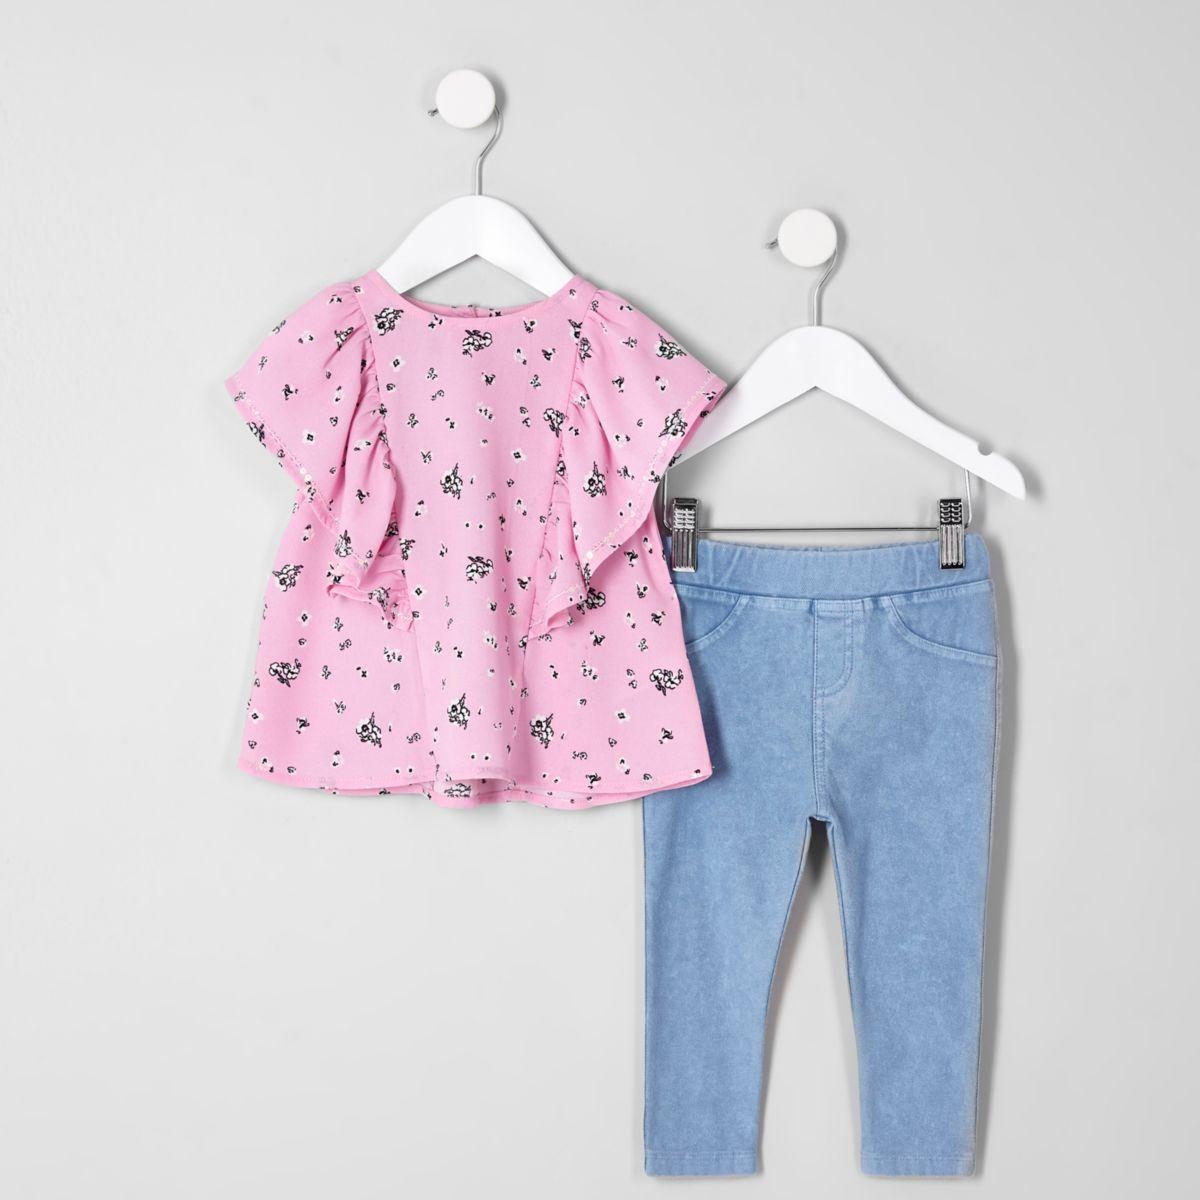 Mini girls top and denim leggings outfit